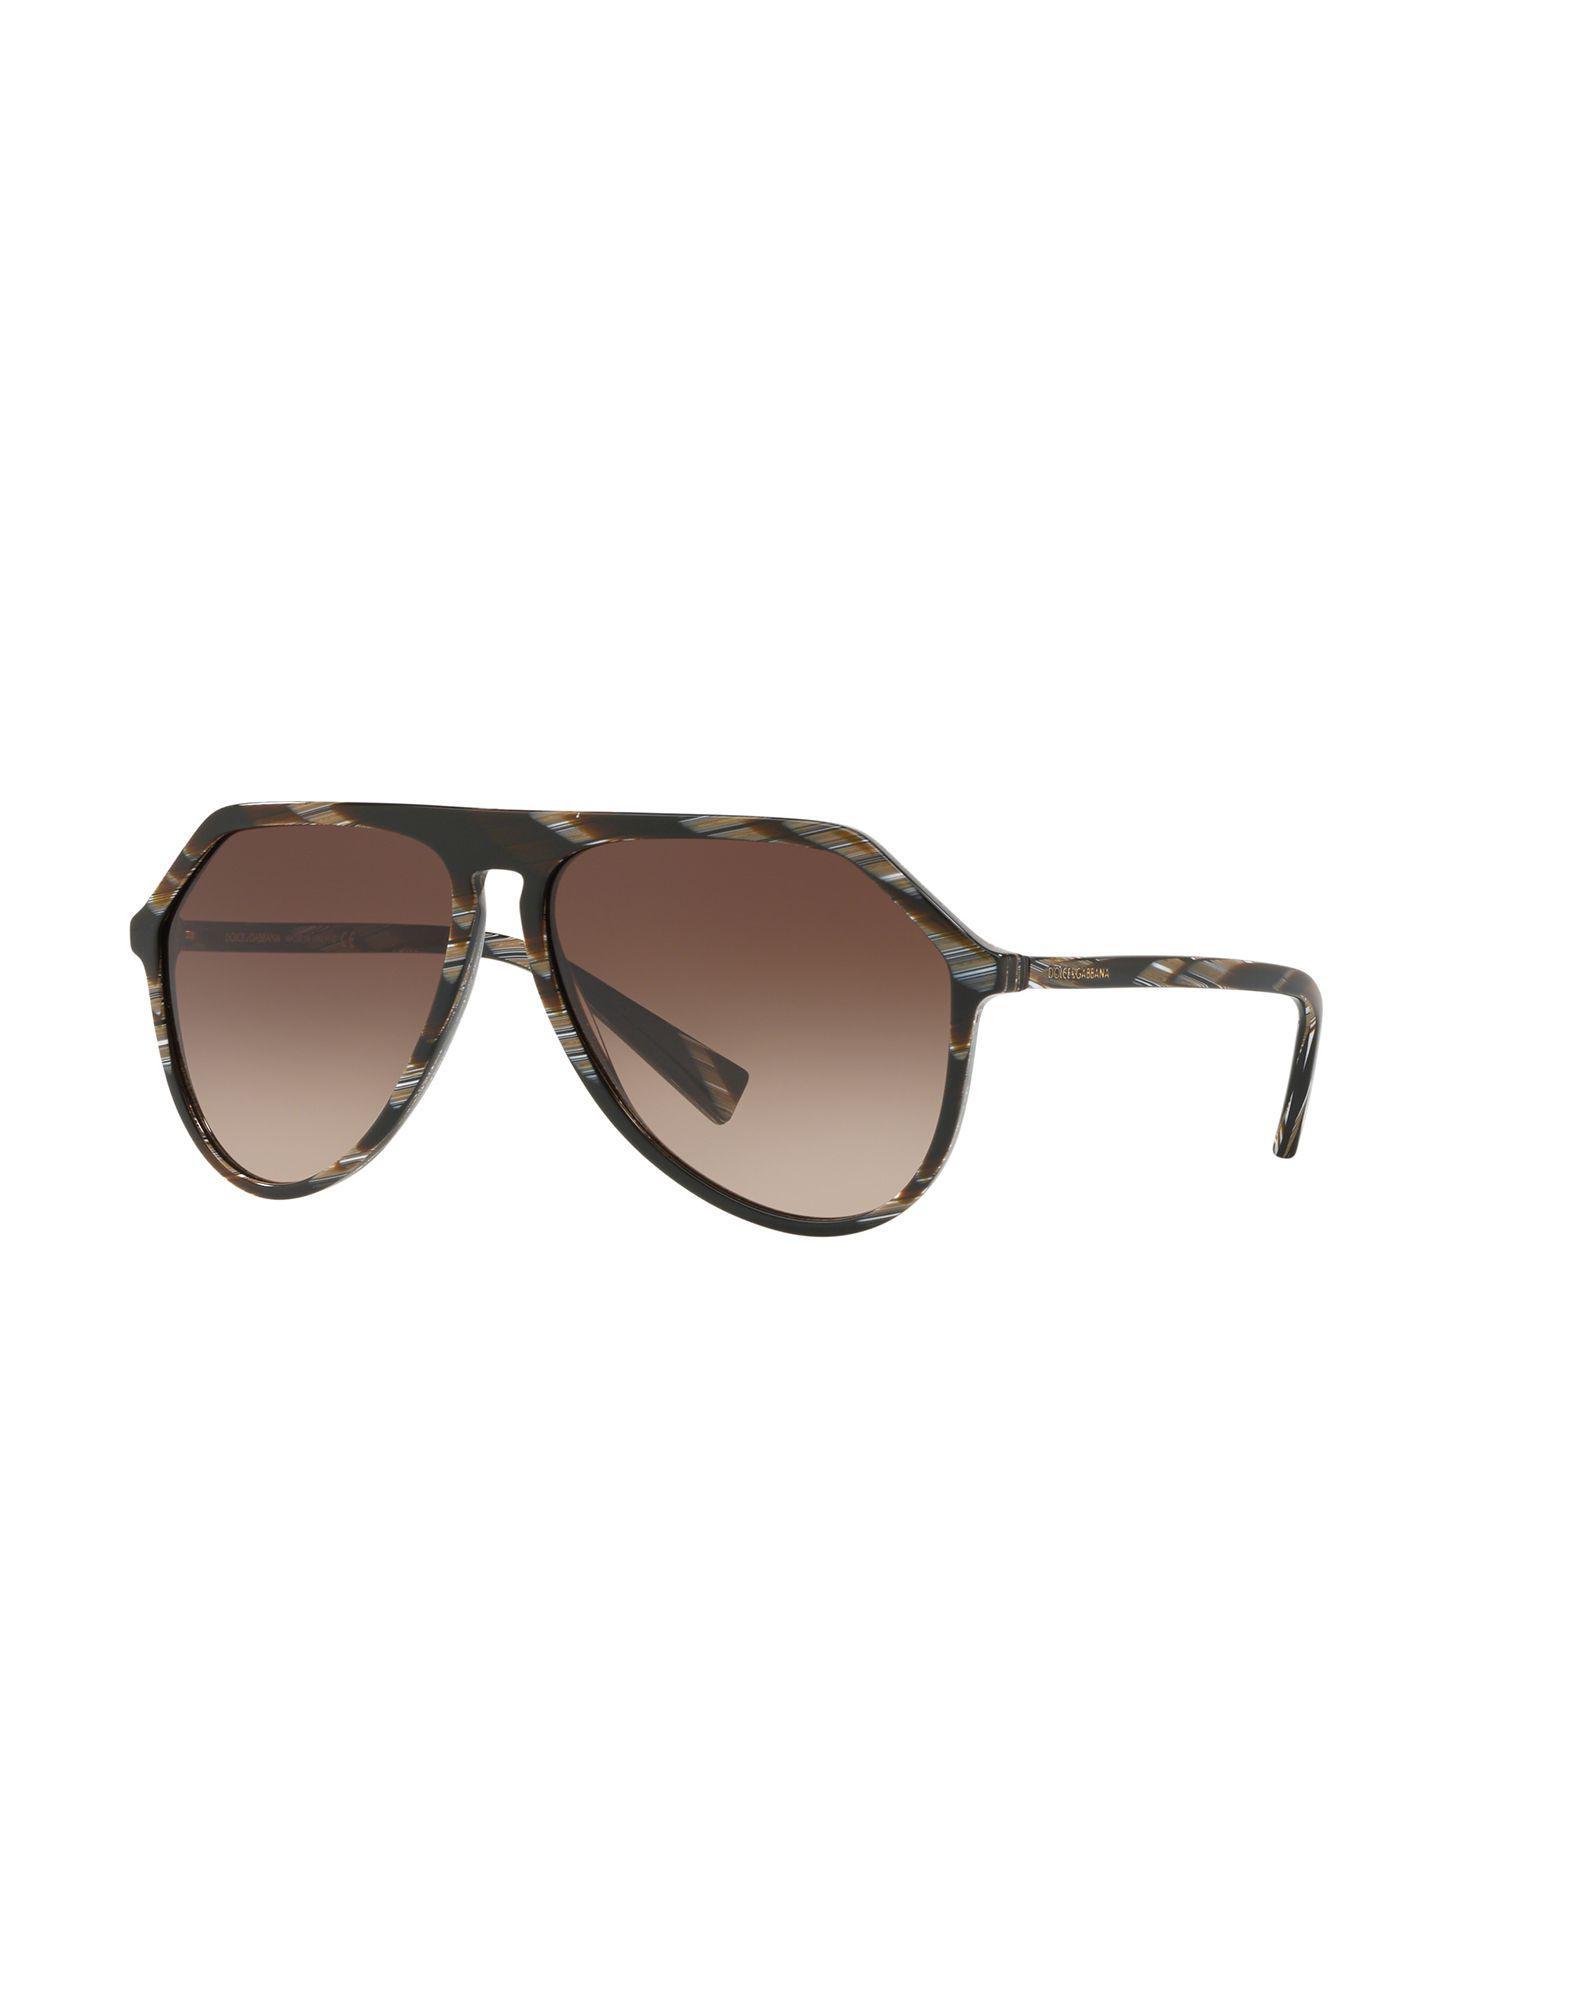 5e6fcbc01b Gafas de sol Dolce & Gabbana de hombre de color Marrón - Lyst